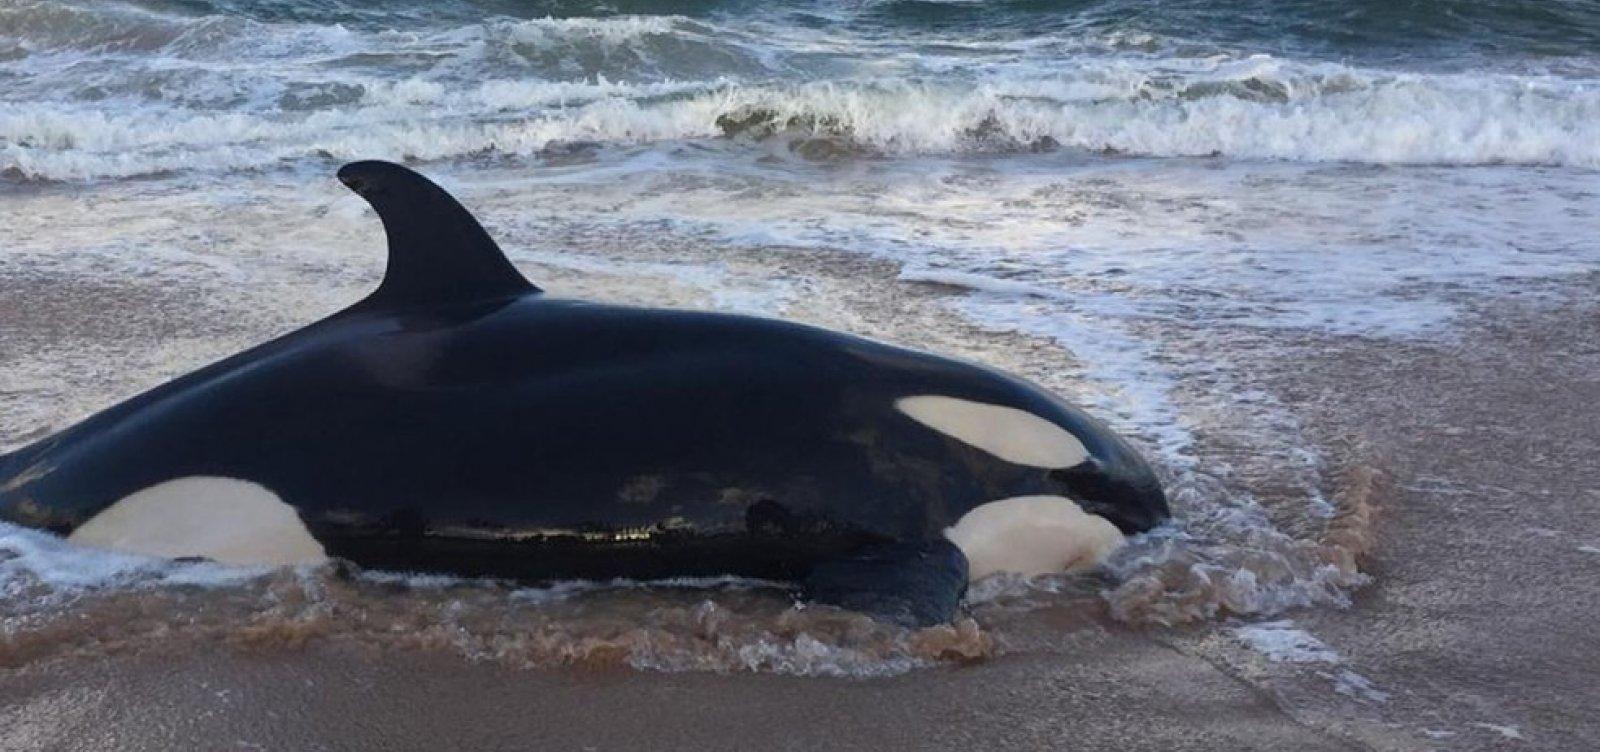 Baleia orca que encalhou em Guarajuba é sacrificada